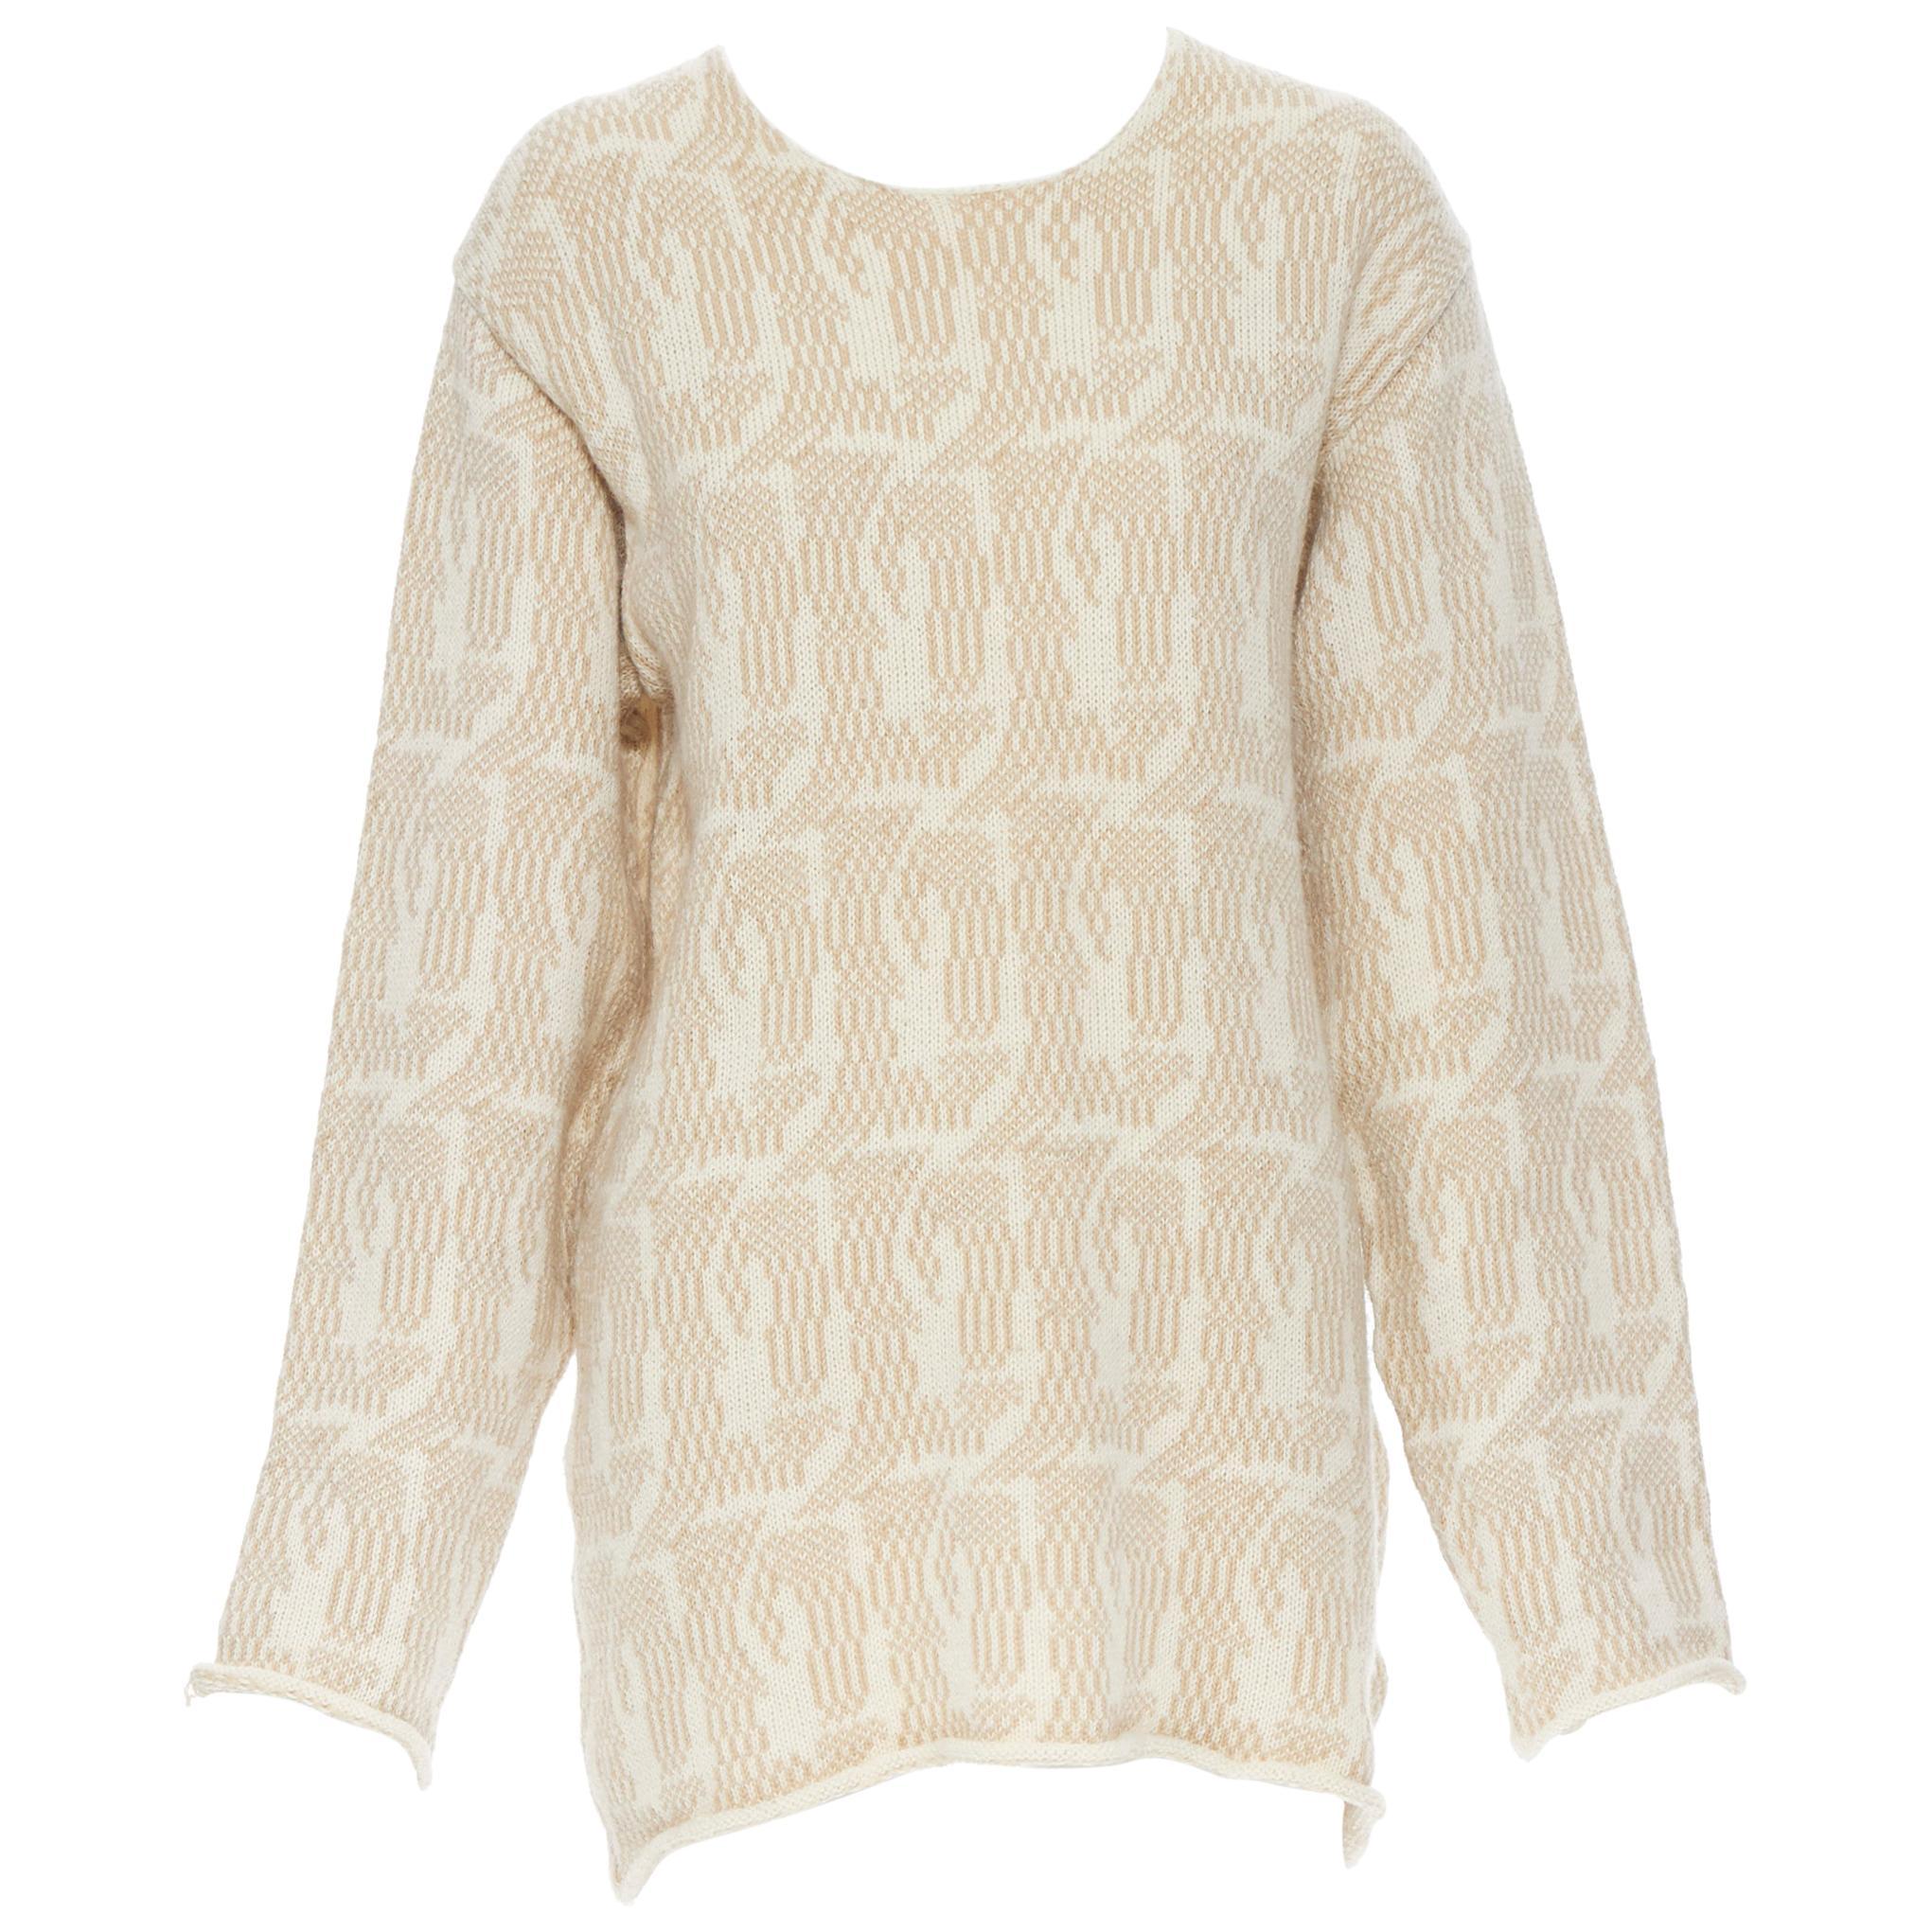 vintage TRICOT COMME DES GARCONS 1980's beige patterned rolled hem sweater